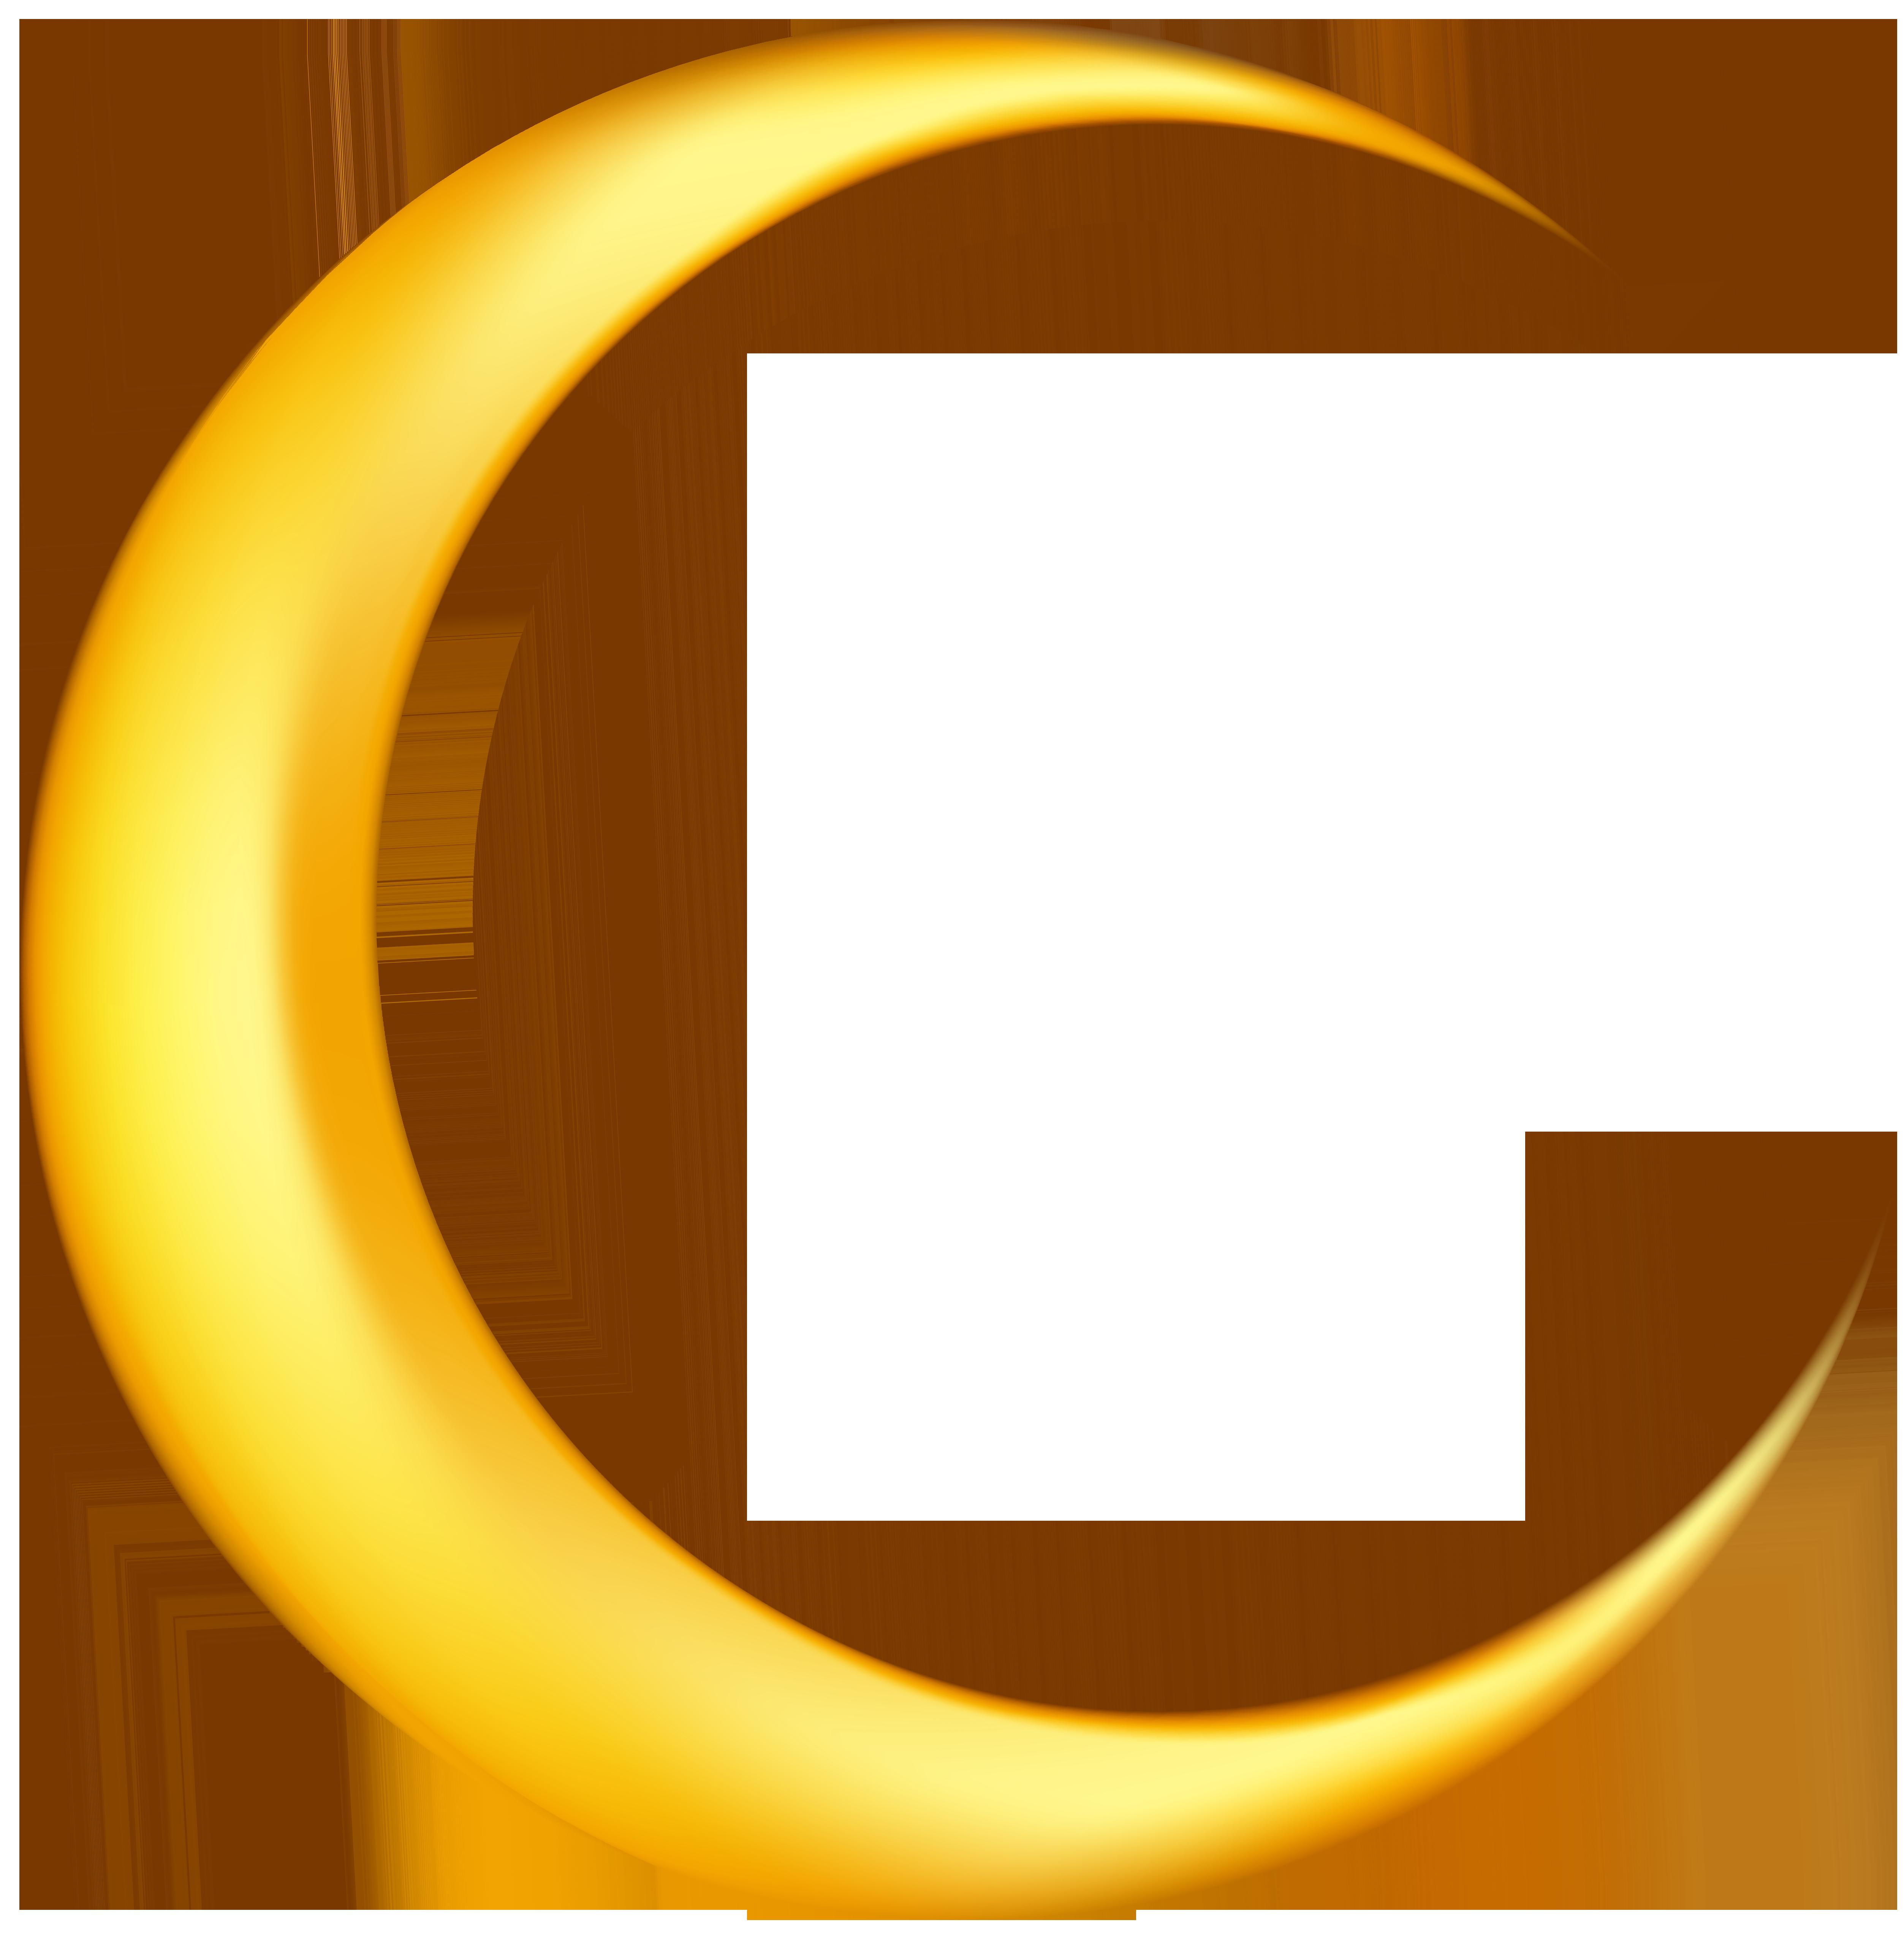 5011x5108 Top 75 Moon Clip Art